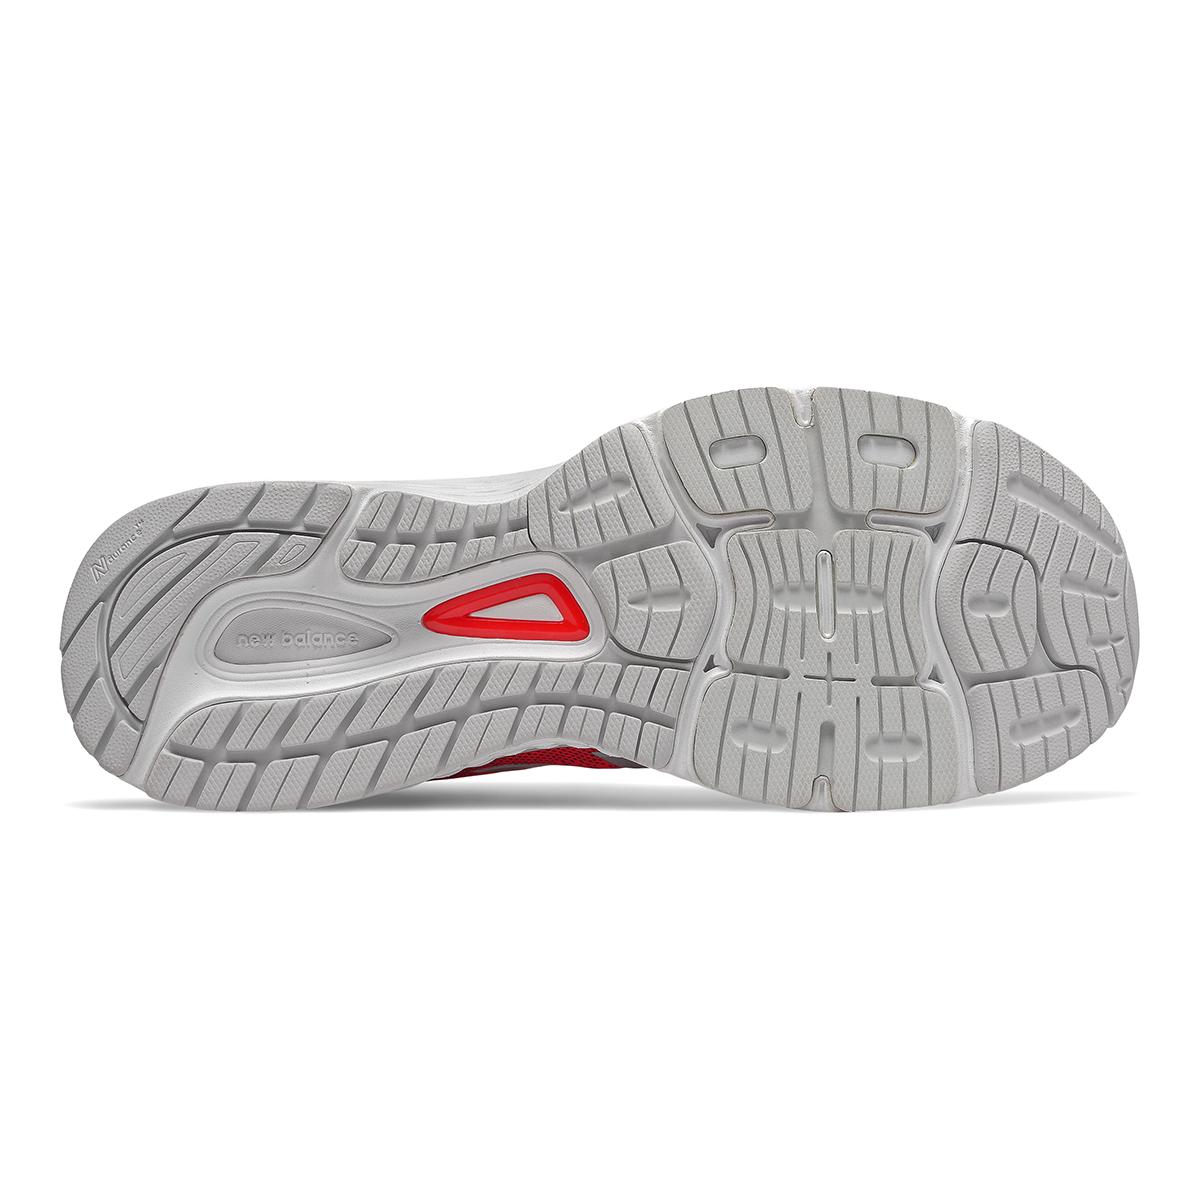 Men's New Balance 880V9 Running Shoe - Color: Energy Red / Black / White (Regular Width) - Size: 9, Energy Red / Black / White, large, image 3